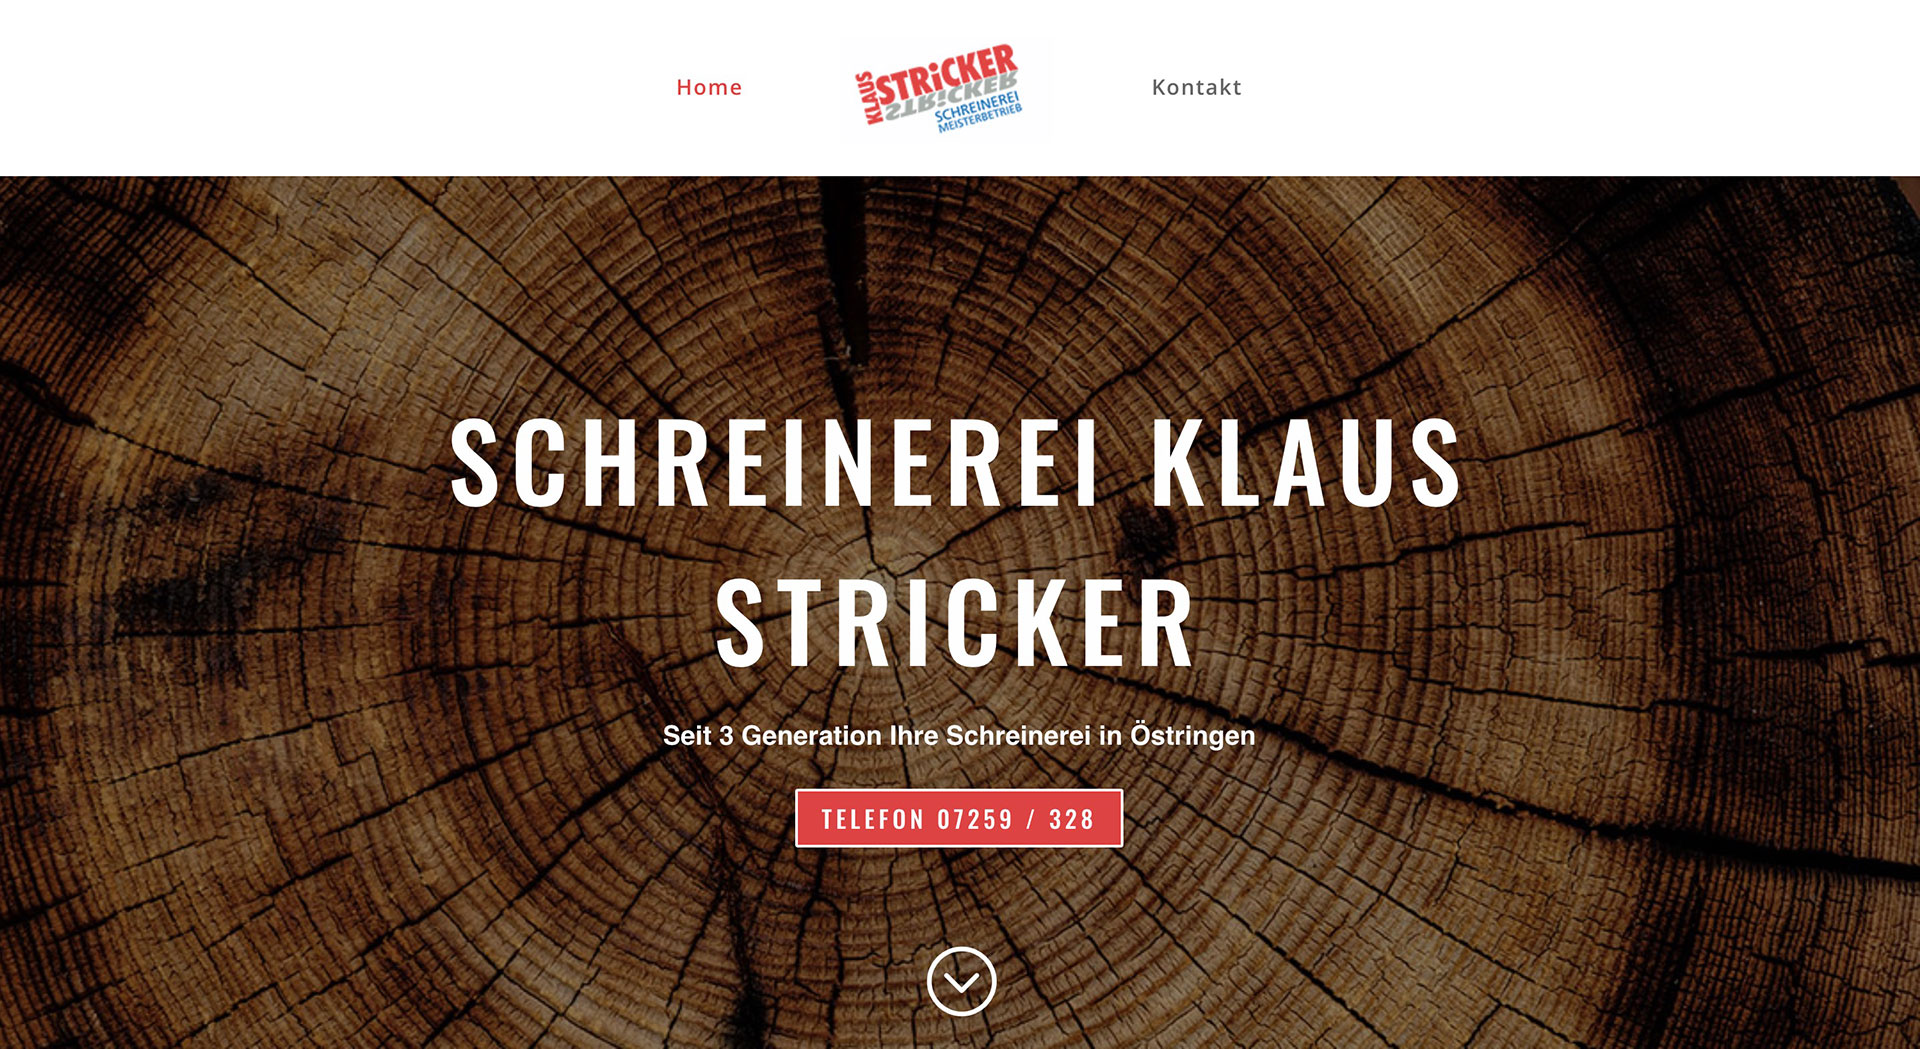 Schreinerei | Klaus Stricker